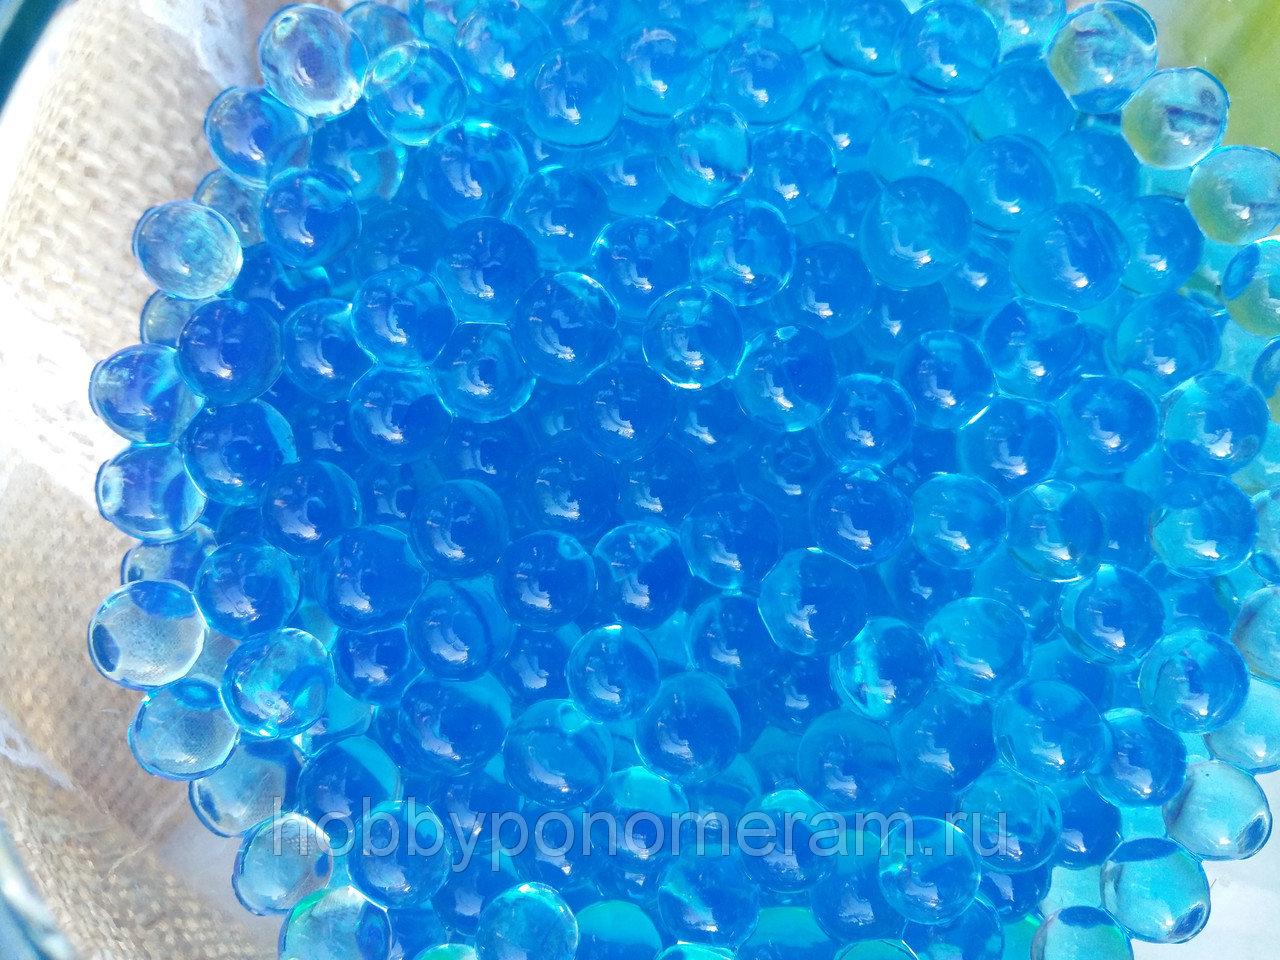 Орбиз цветные шарики растущие в воде 5 g синие